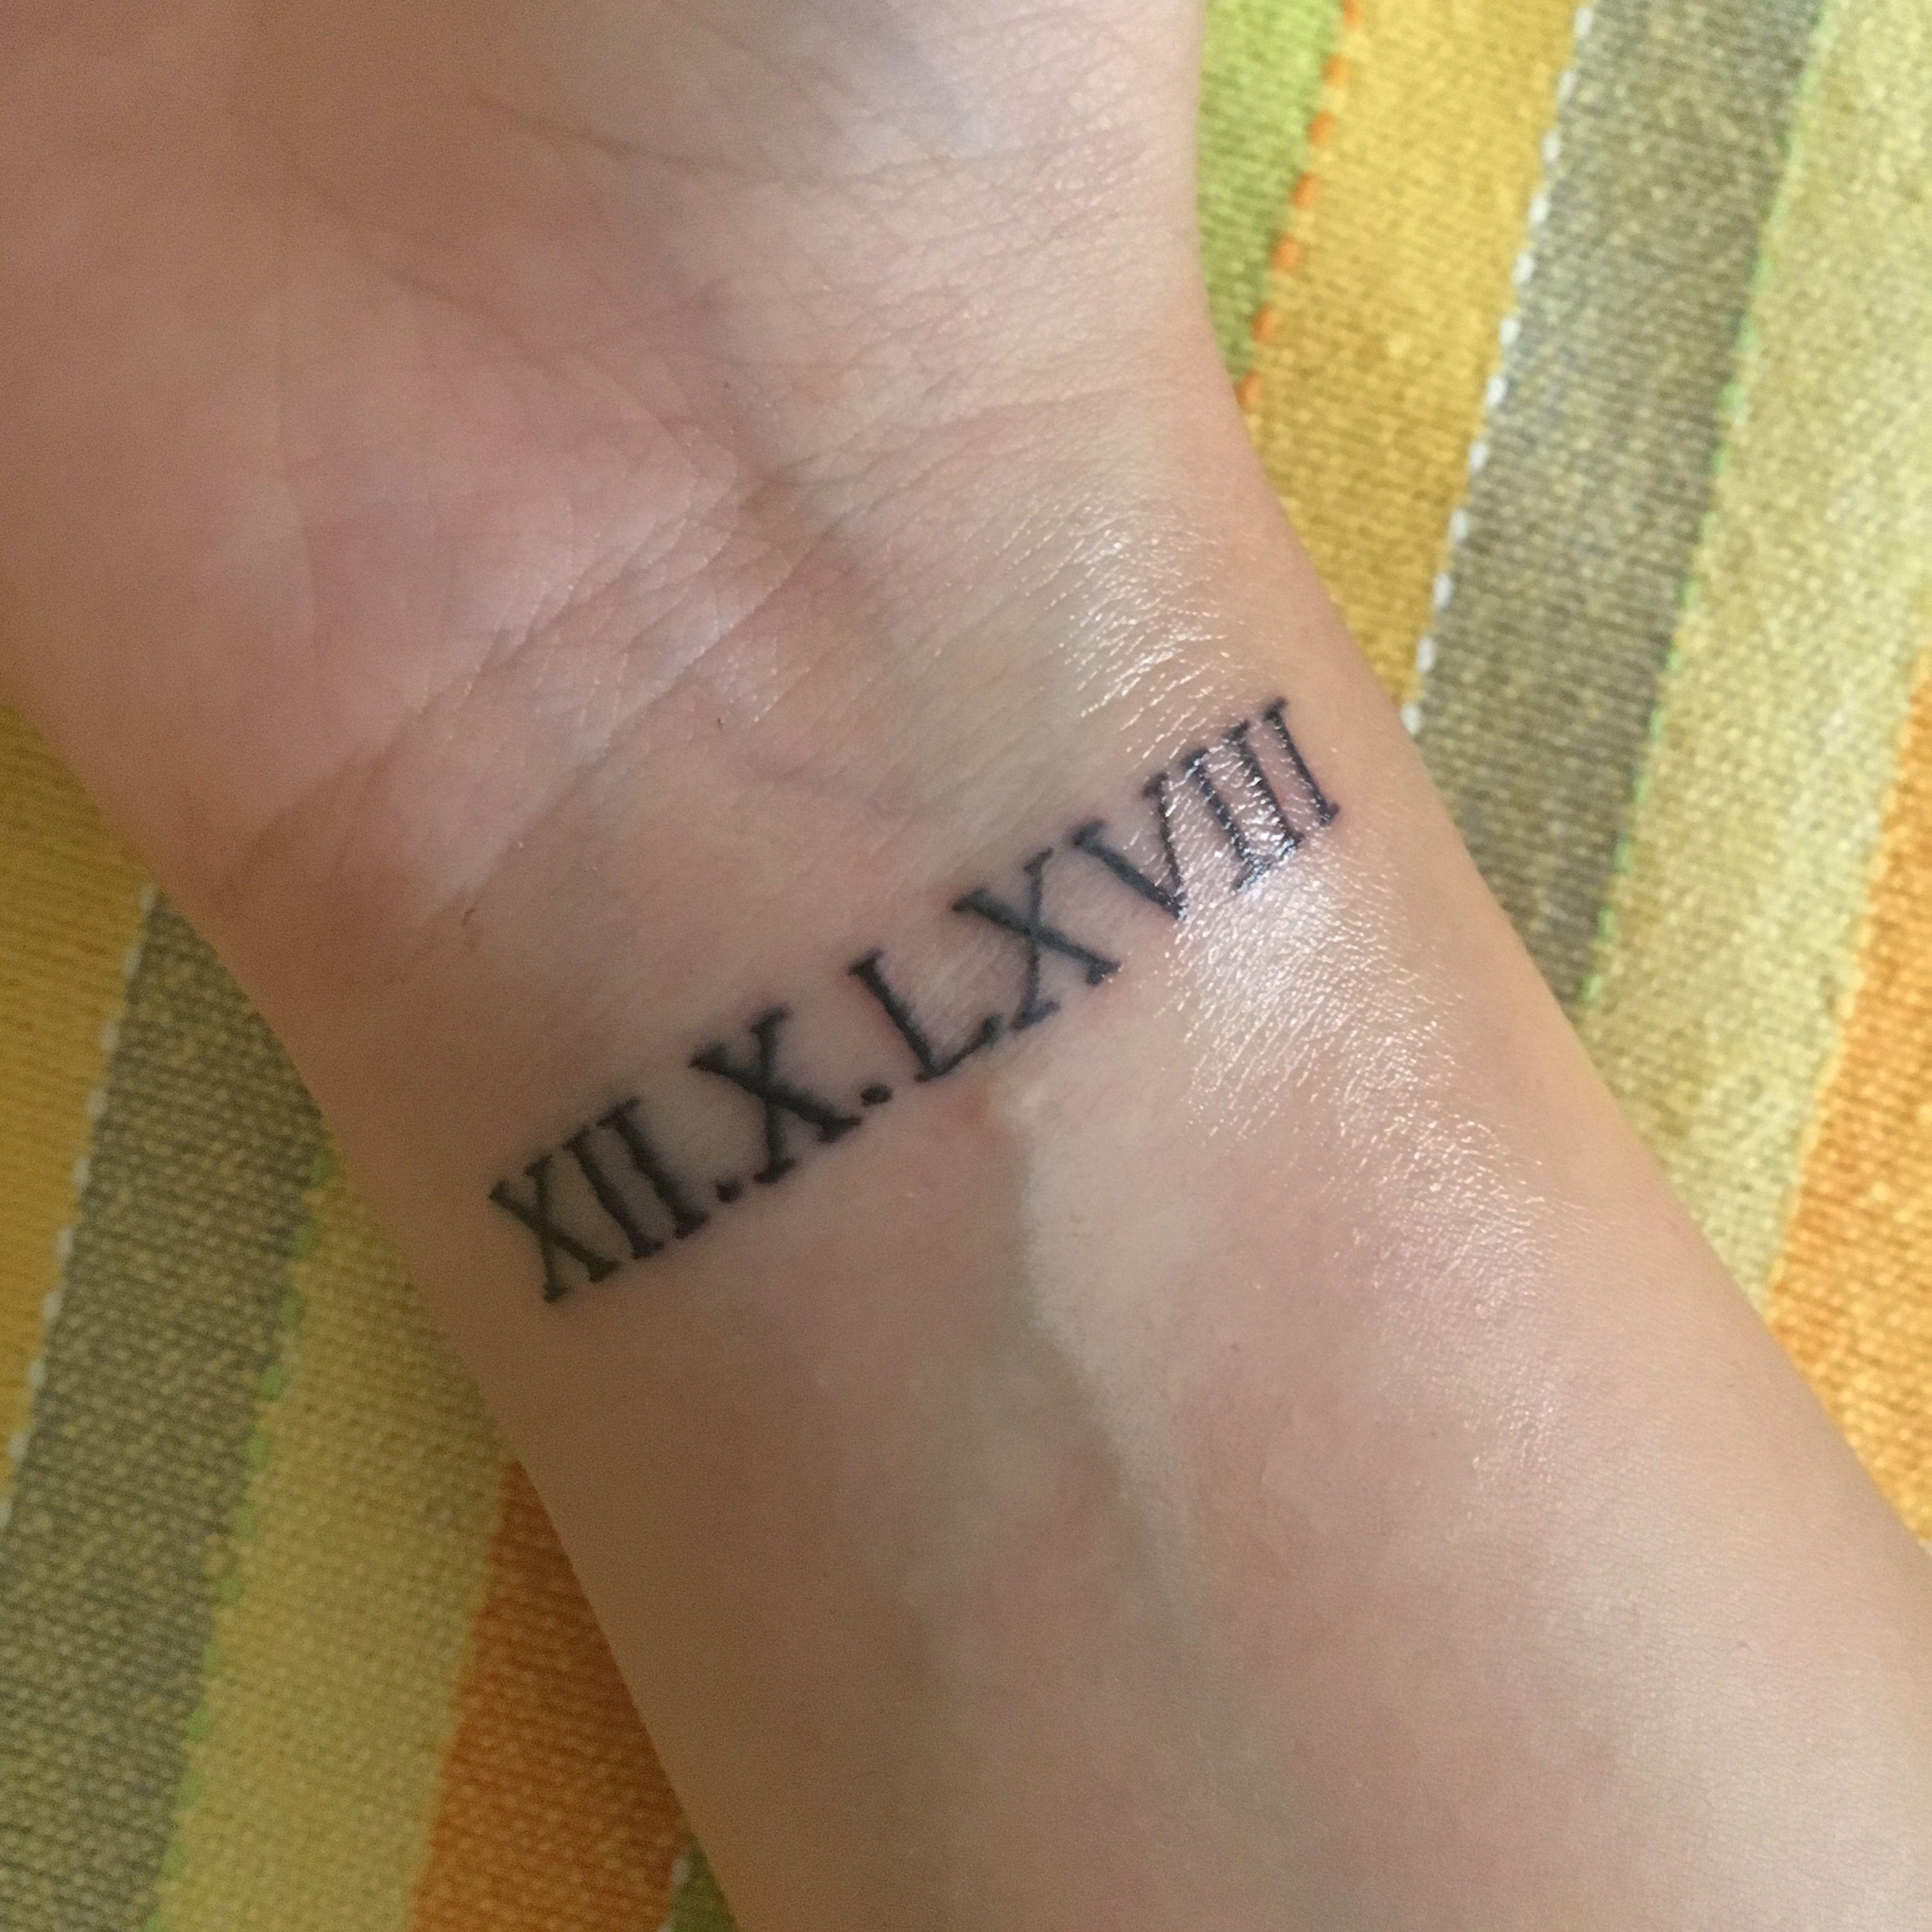 c6dfa2643 Roman numeral tattoo wrist | Tattoo ideas | Roman numeral tattoos ...